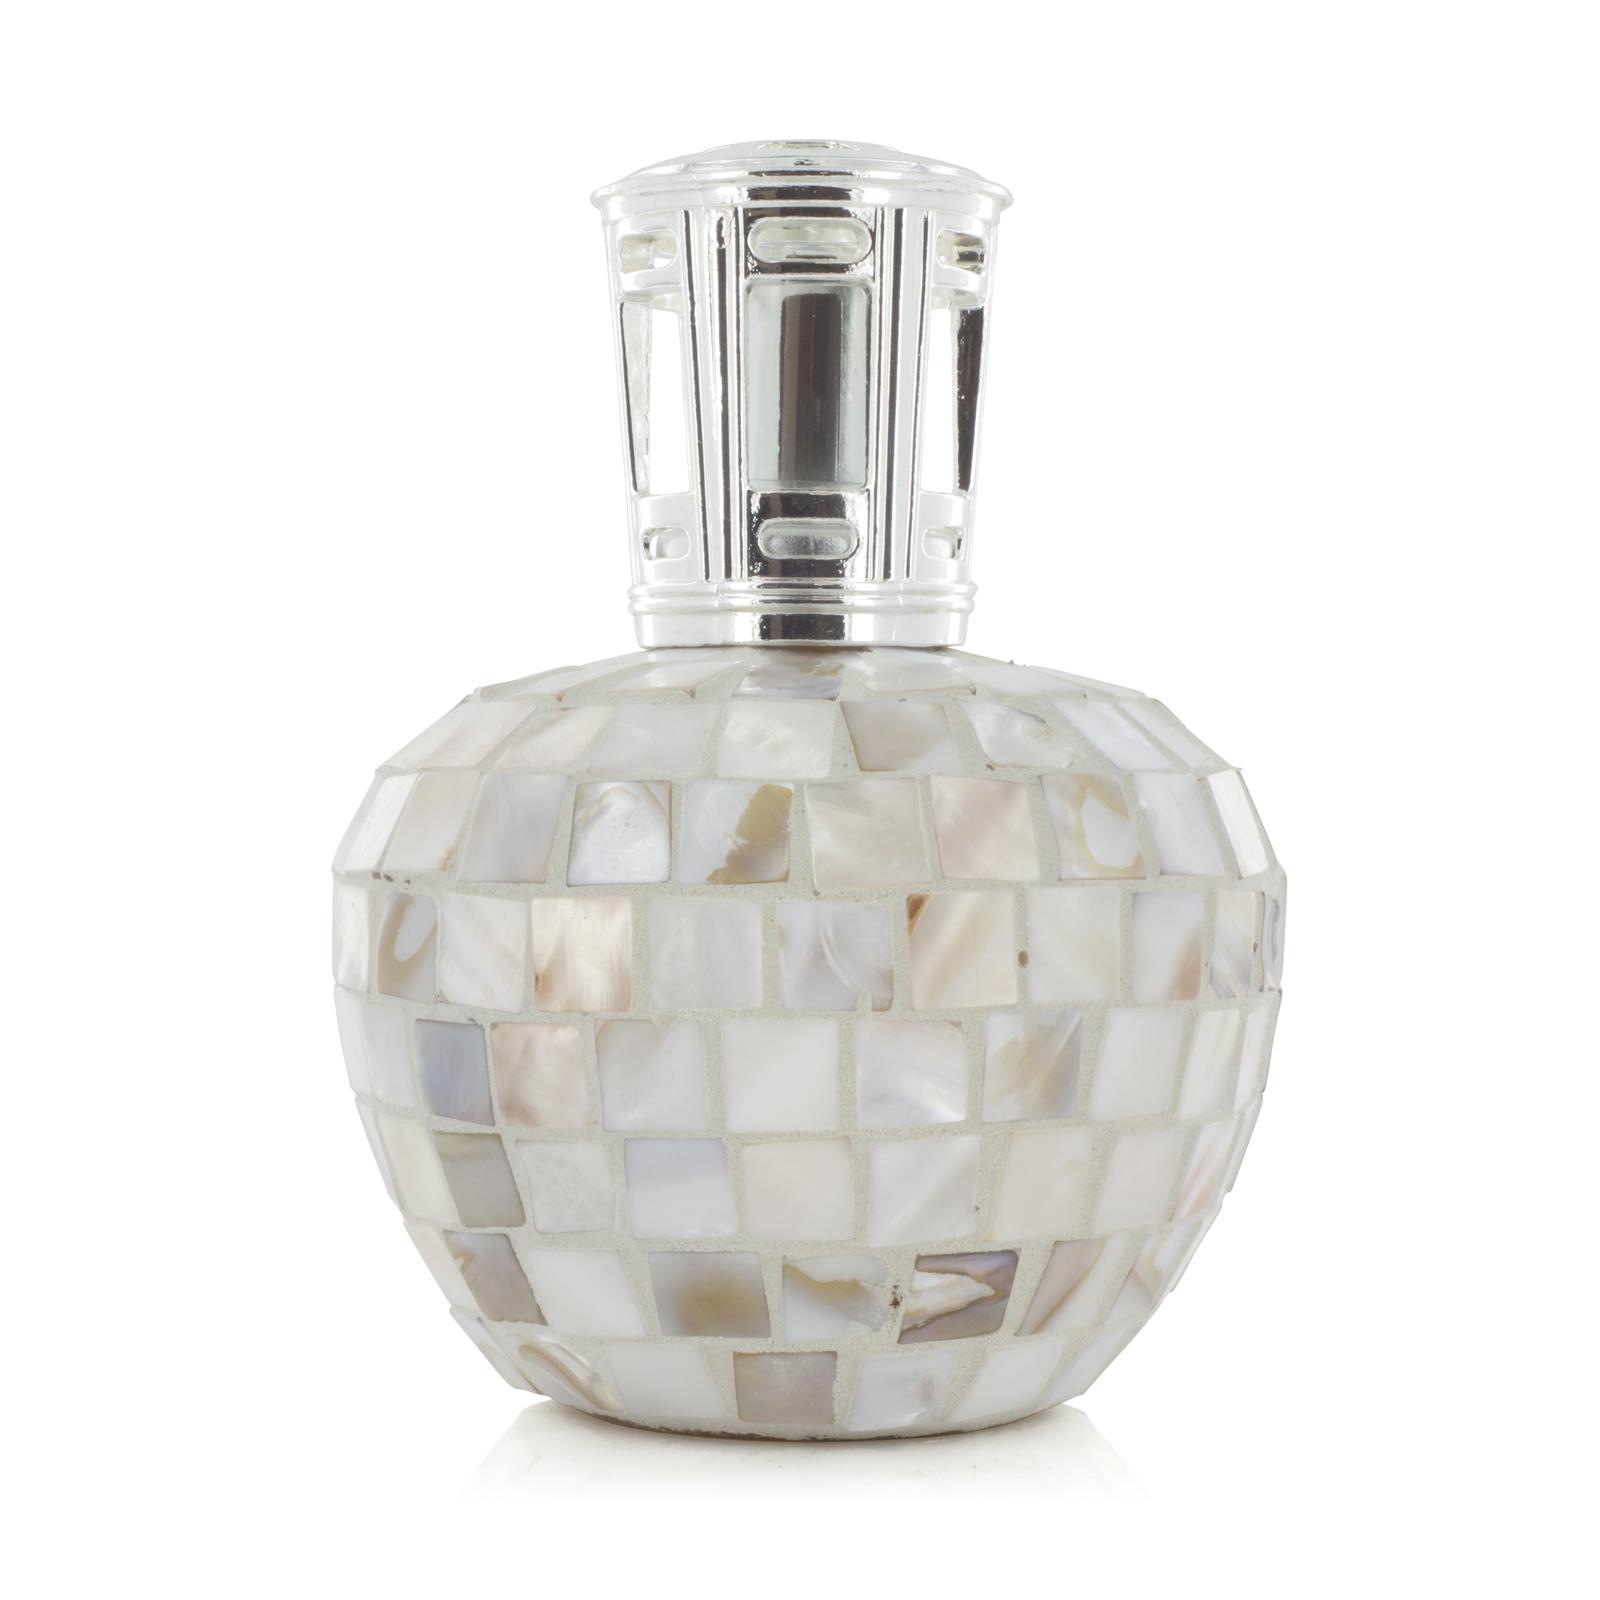 Аромалампа Королева океана (Большие ароматические лампы)Большие ароматические лампы<br>Аромалампа в форме яблока покрыта квадратными кусочками перламутра вручную. Завершает лампу серебряная металлическая корона — она как будто венчает саму Королеву Океана.<br>Правила обращения с продукциейAshleigh&amp;Burwood<br>